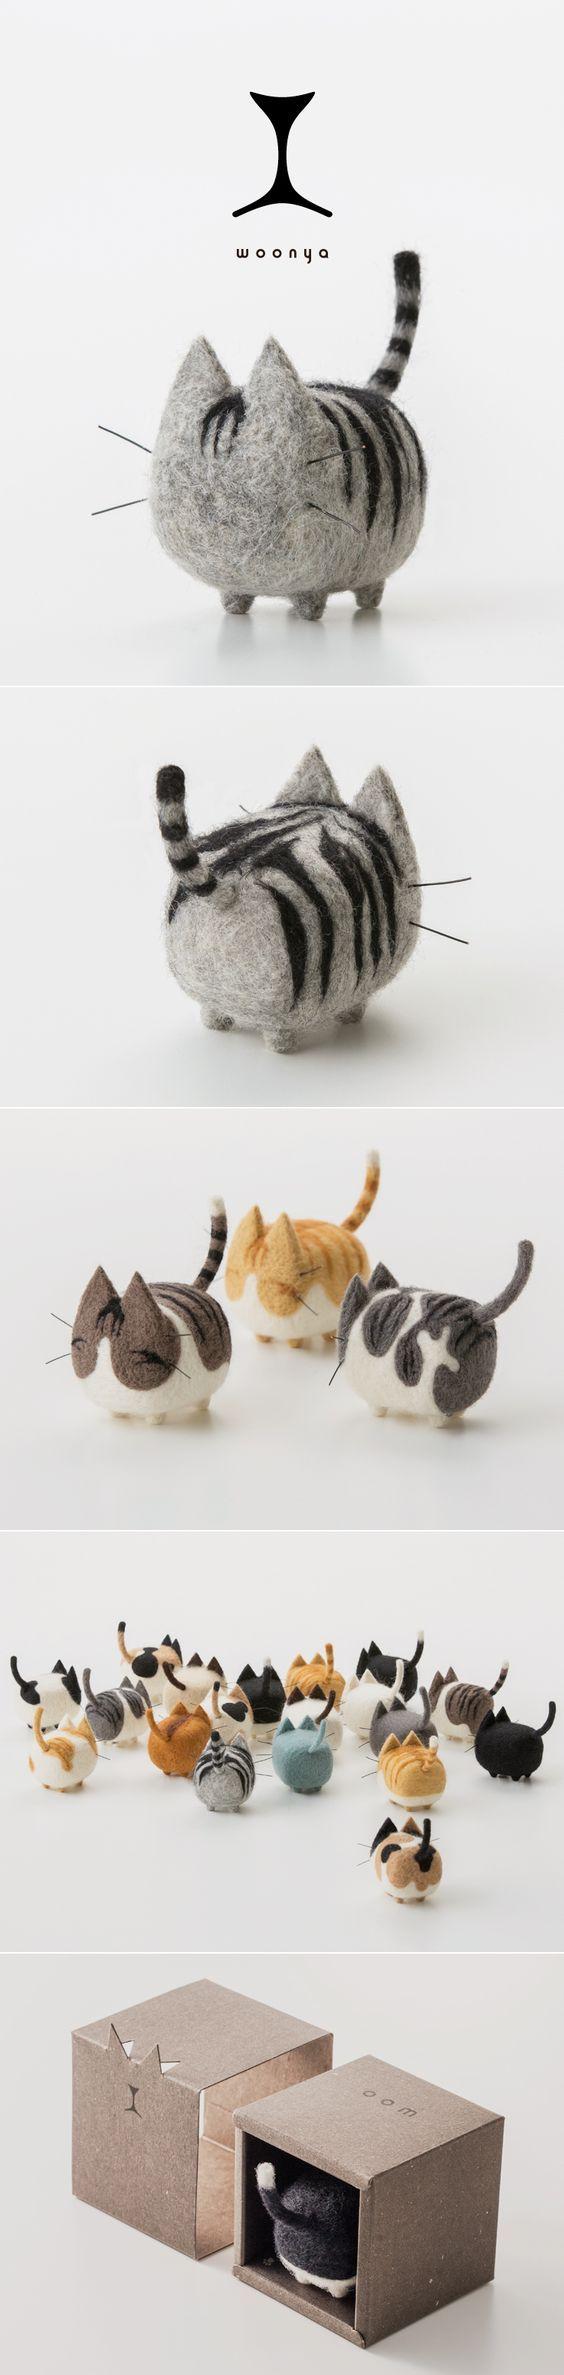 woonya/ 猫/cat/羊毛フェルト/Needle/Felting/mascot/doll/home/style/products/art/design: